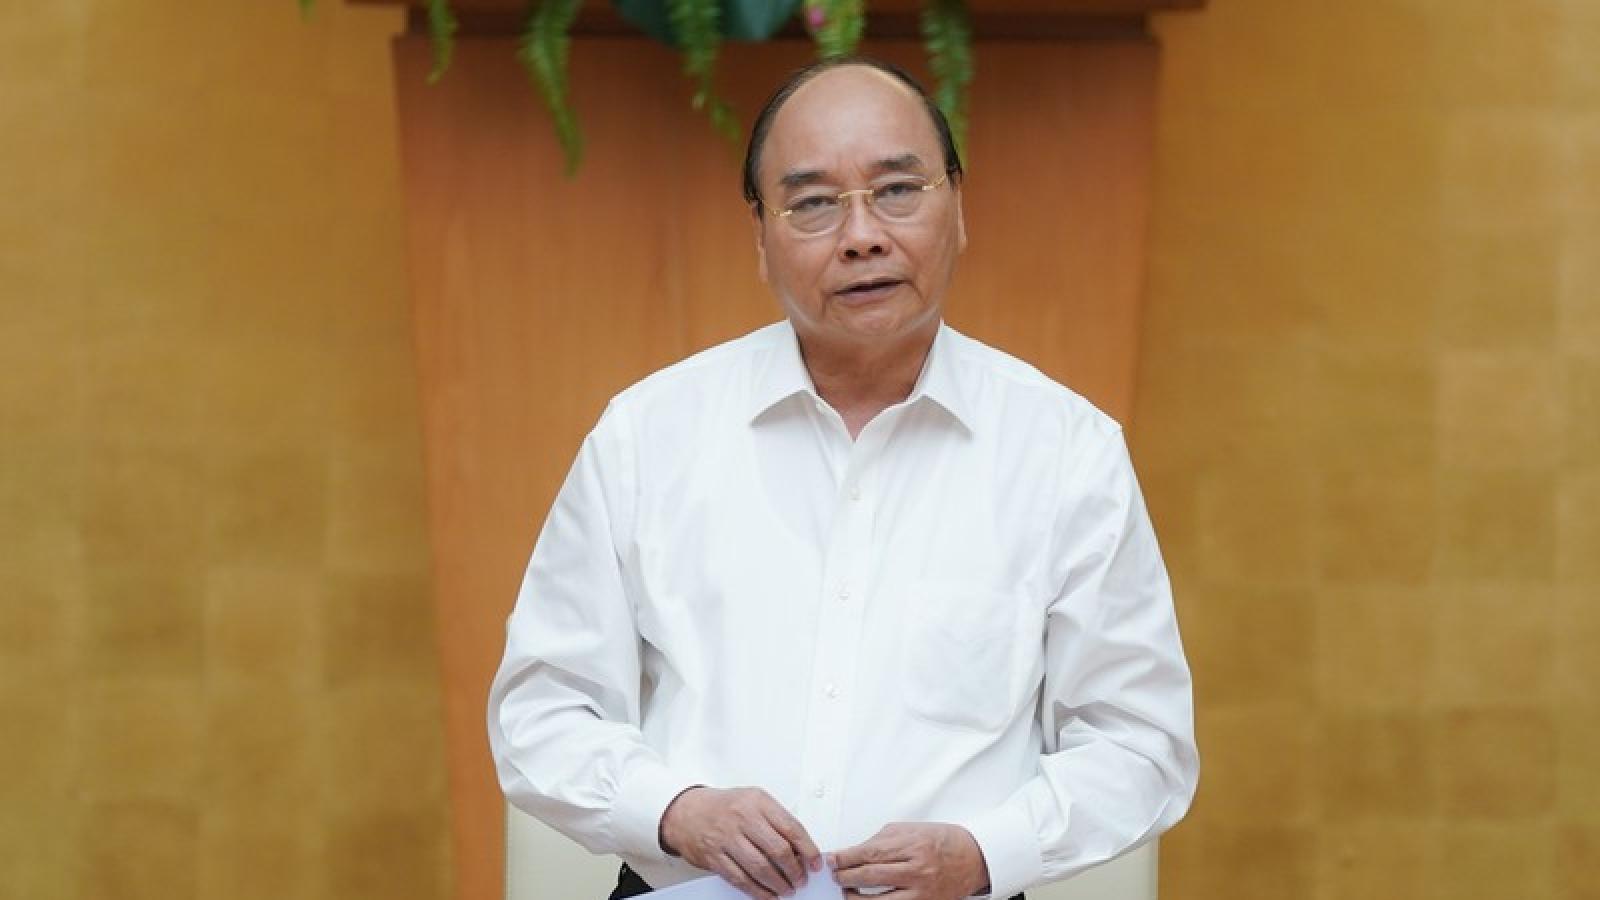 Thủ tướng: Phú Thọ cần phấn đấu tự cân đối ngân sách trong 3 năm tới